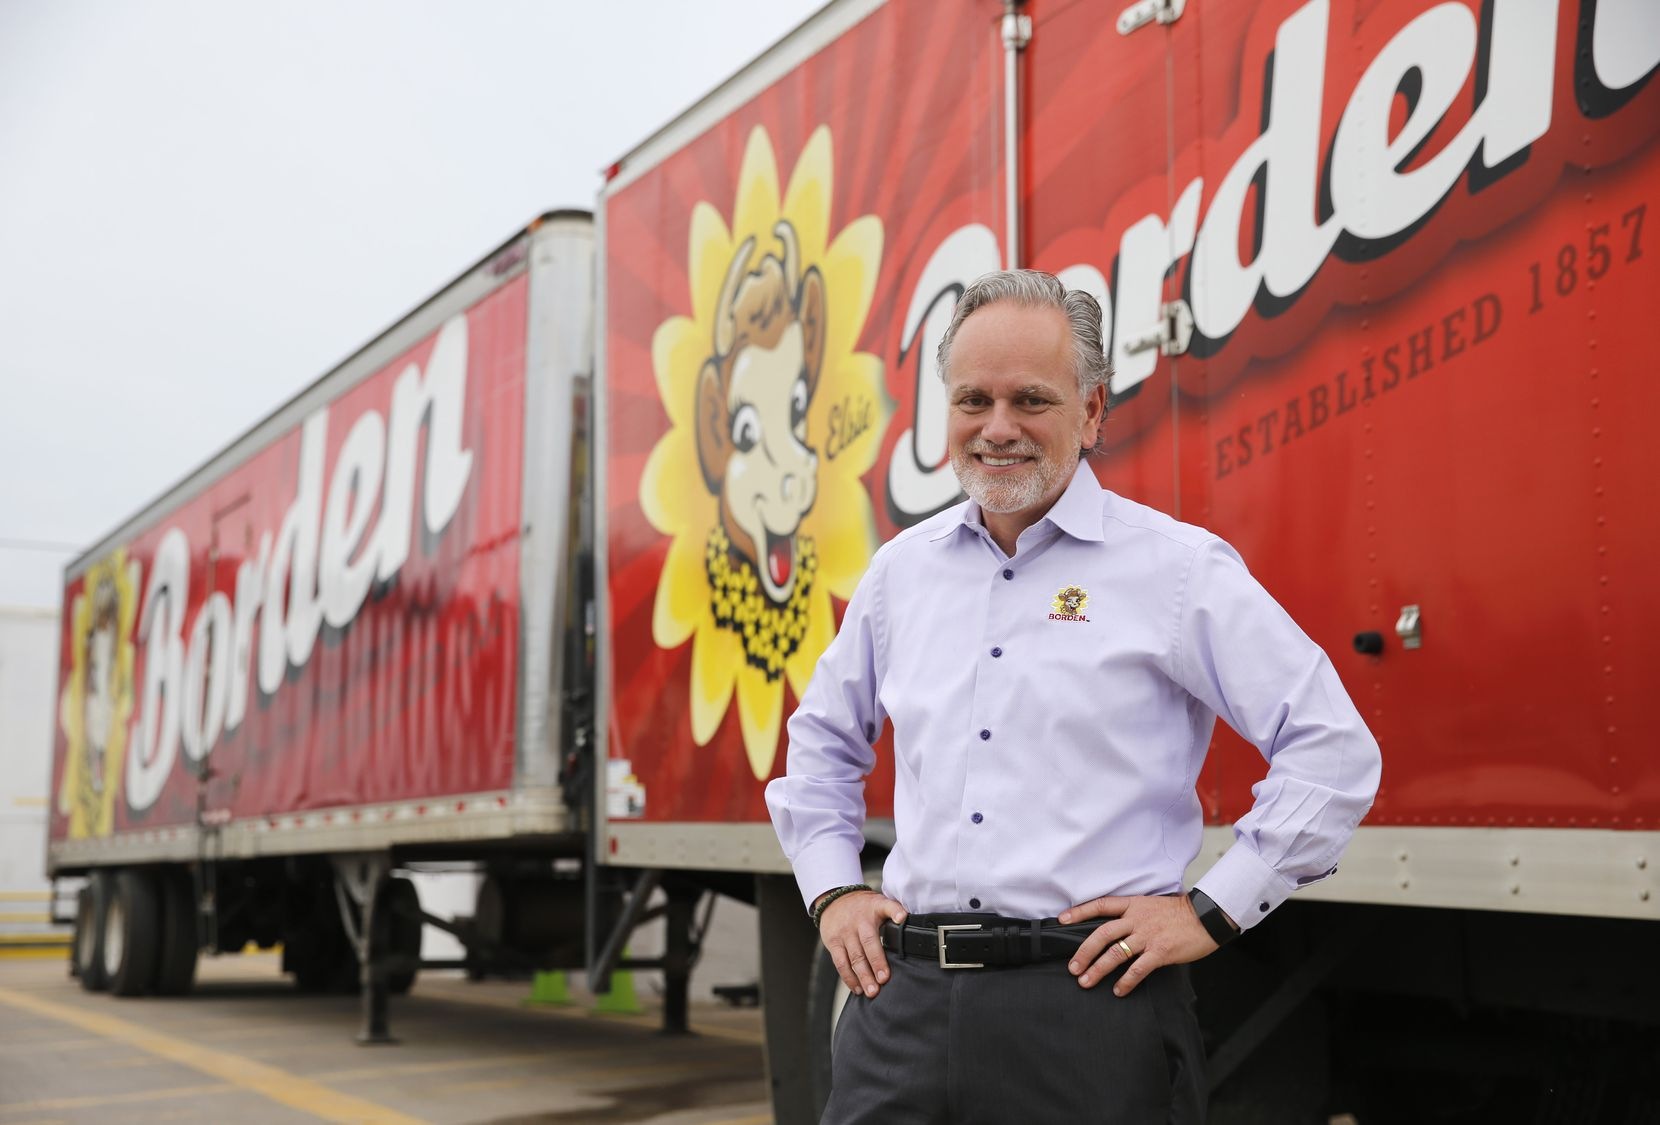 CEO Tony Sarsam joined Borden Dairy in 2018.